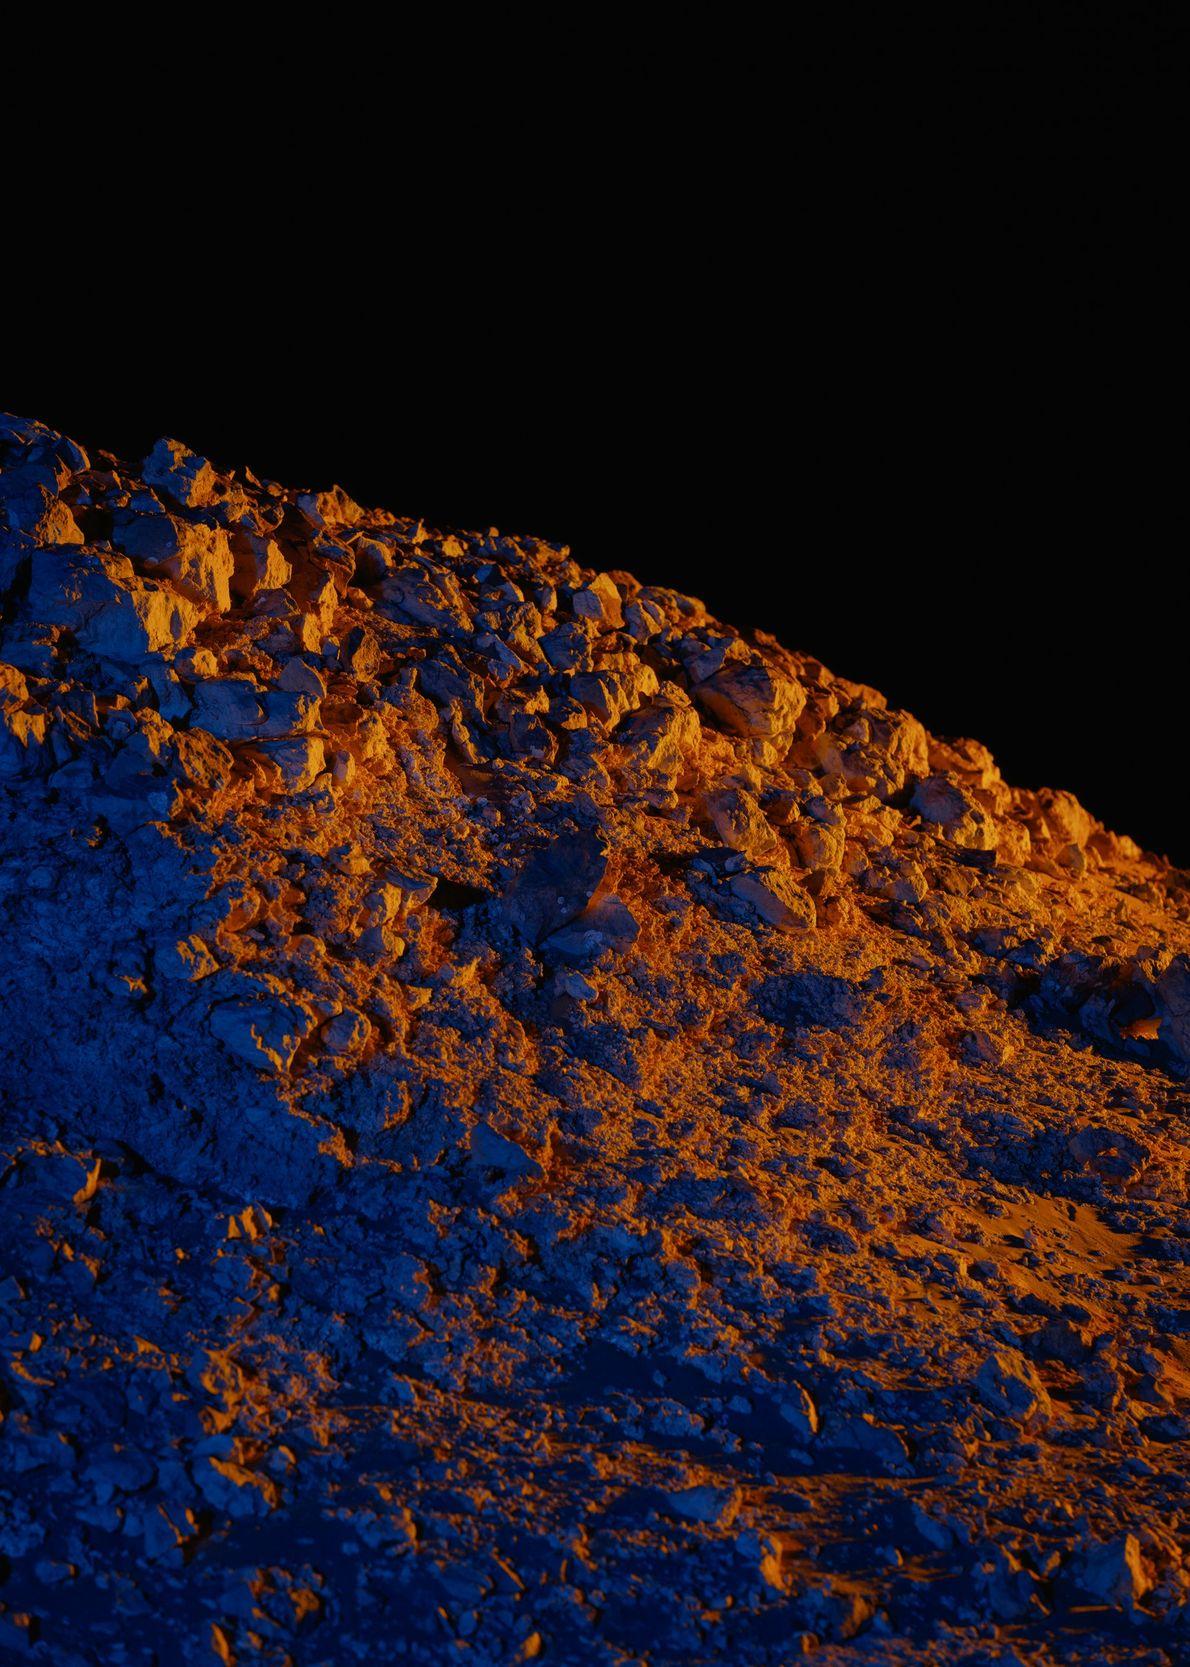 Un relámpago artificial muestra claramente un afloramiento rocoso en el norte de la Estación Kepler.